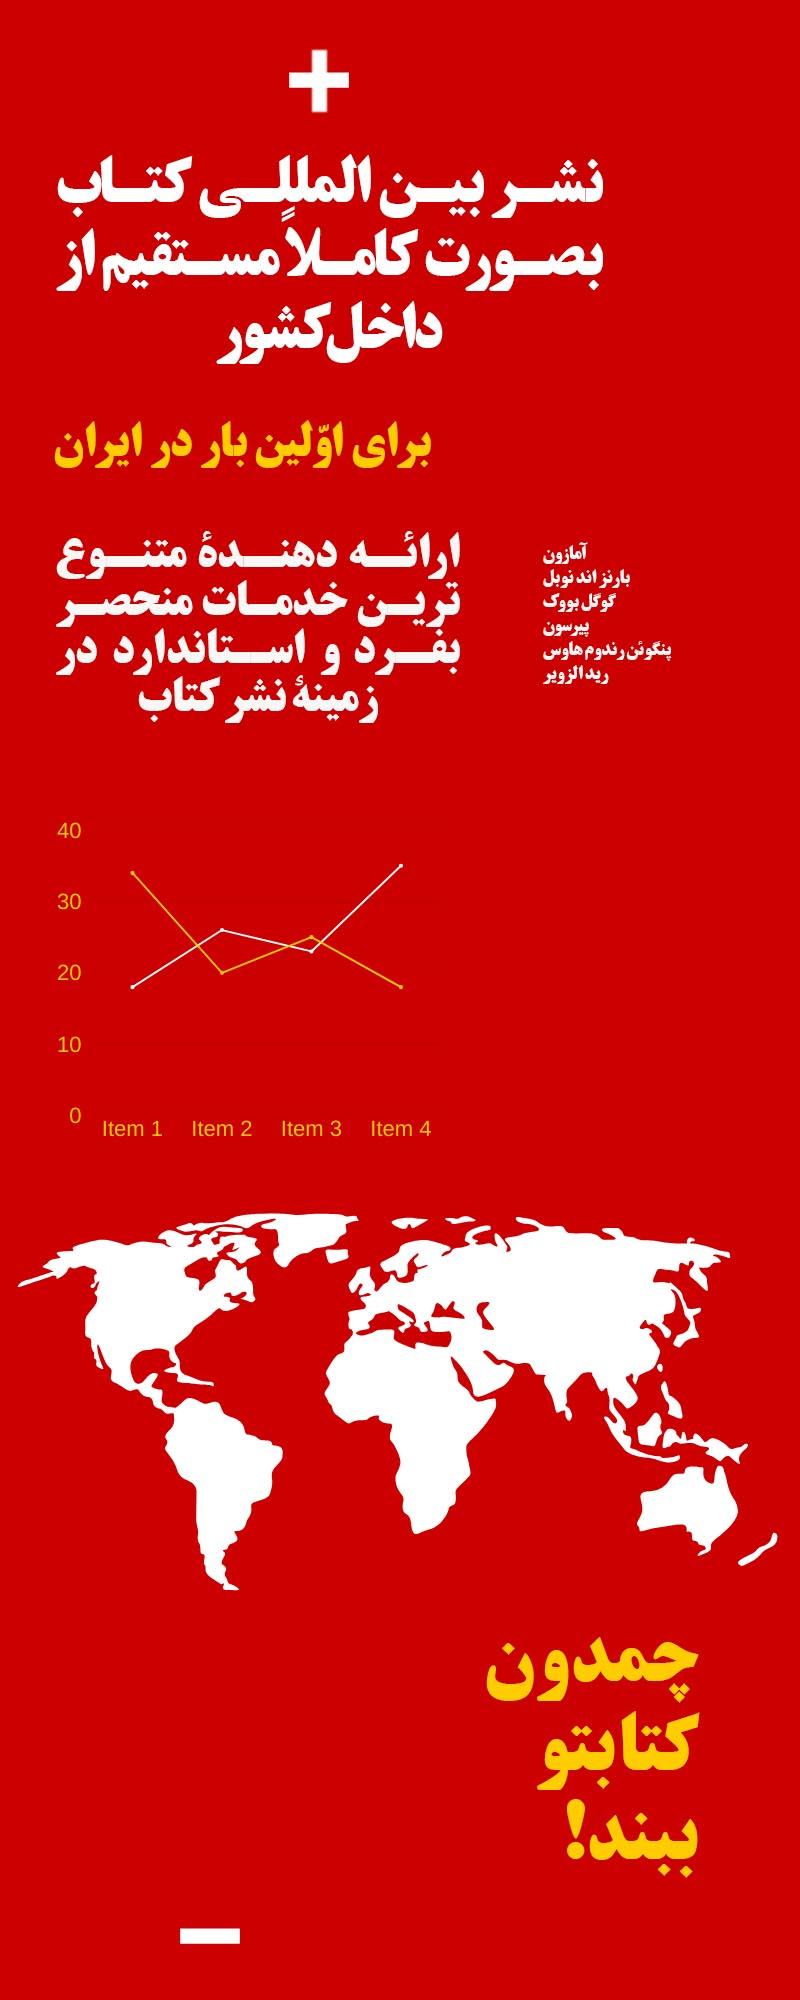 نشر کتاب در خارج از کشور